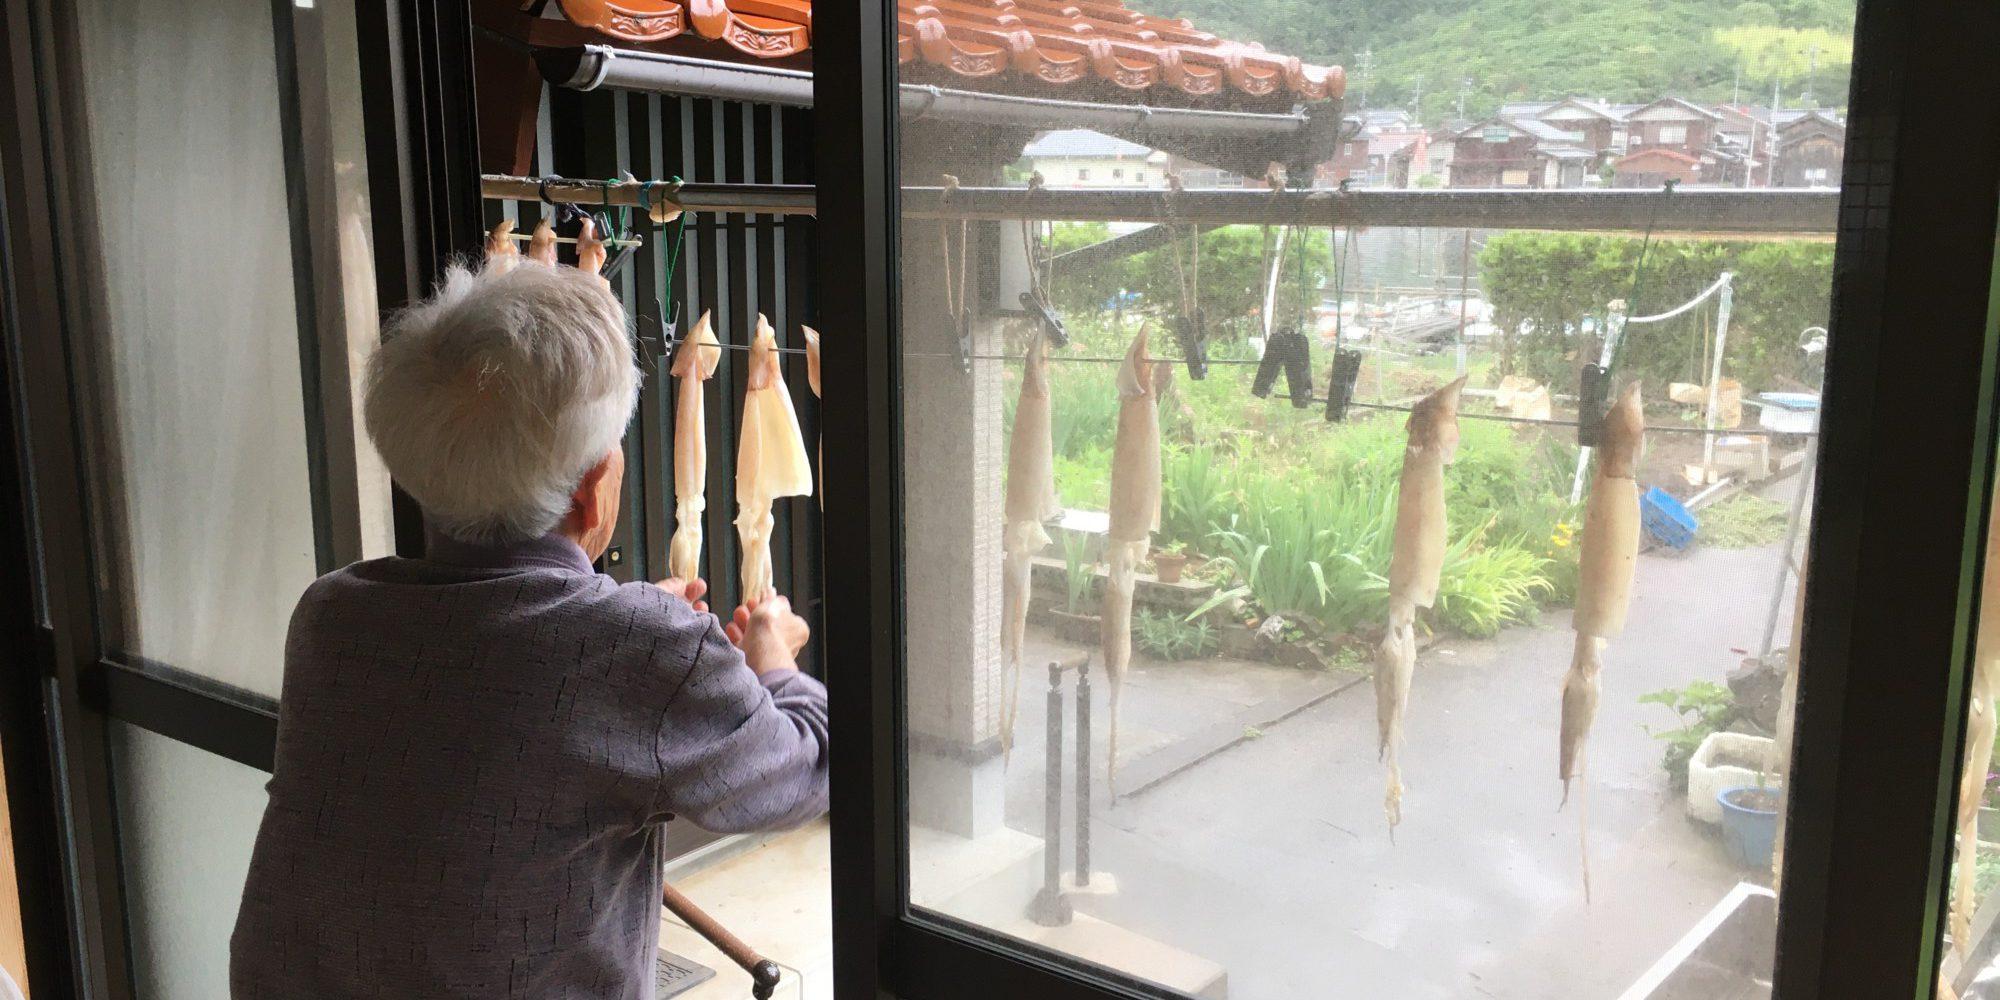 軒下にイカを干す老婦人